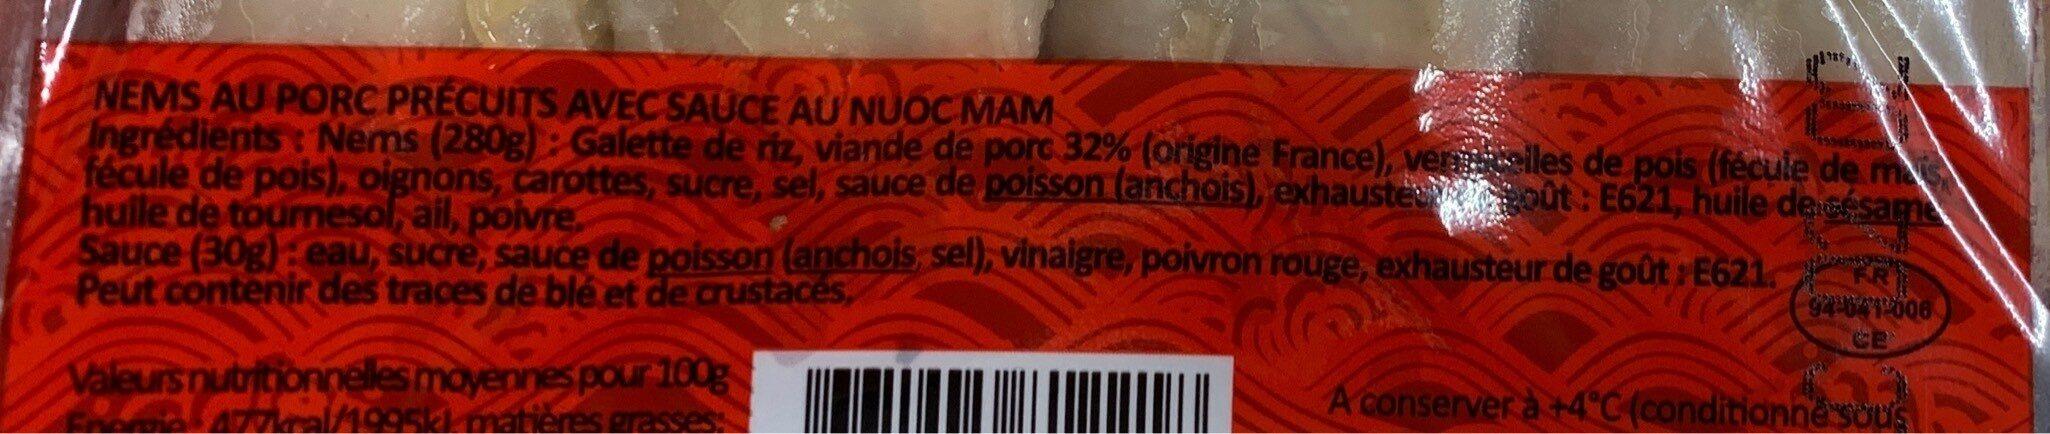 Nems de porc - Informations nutritionnelles